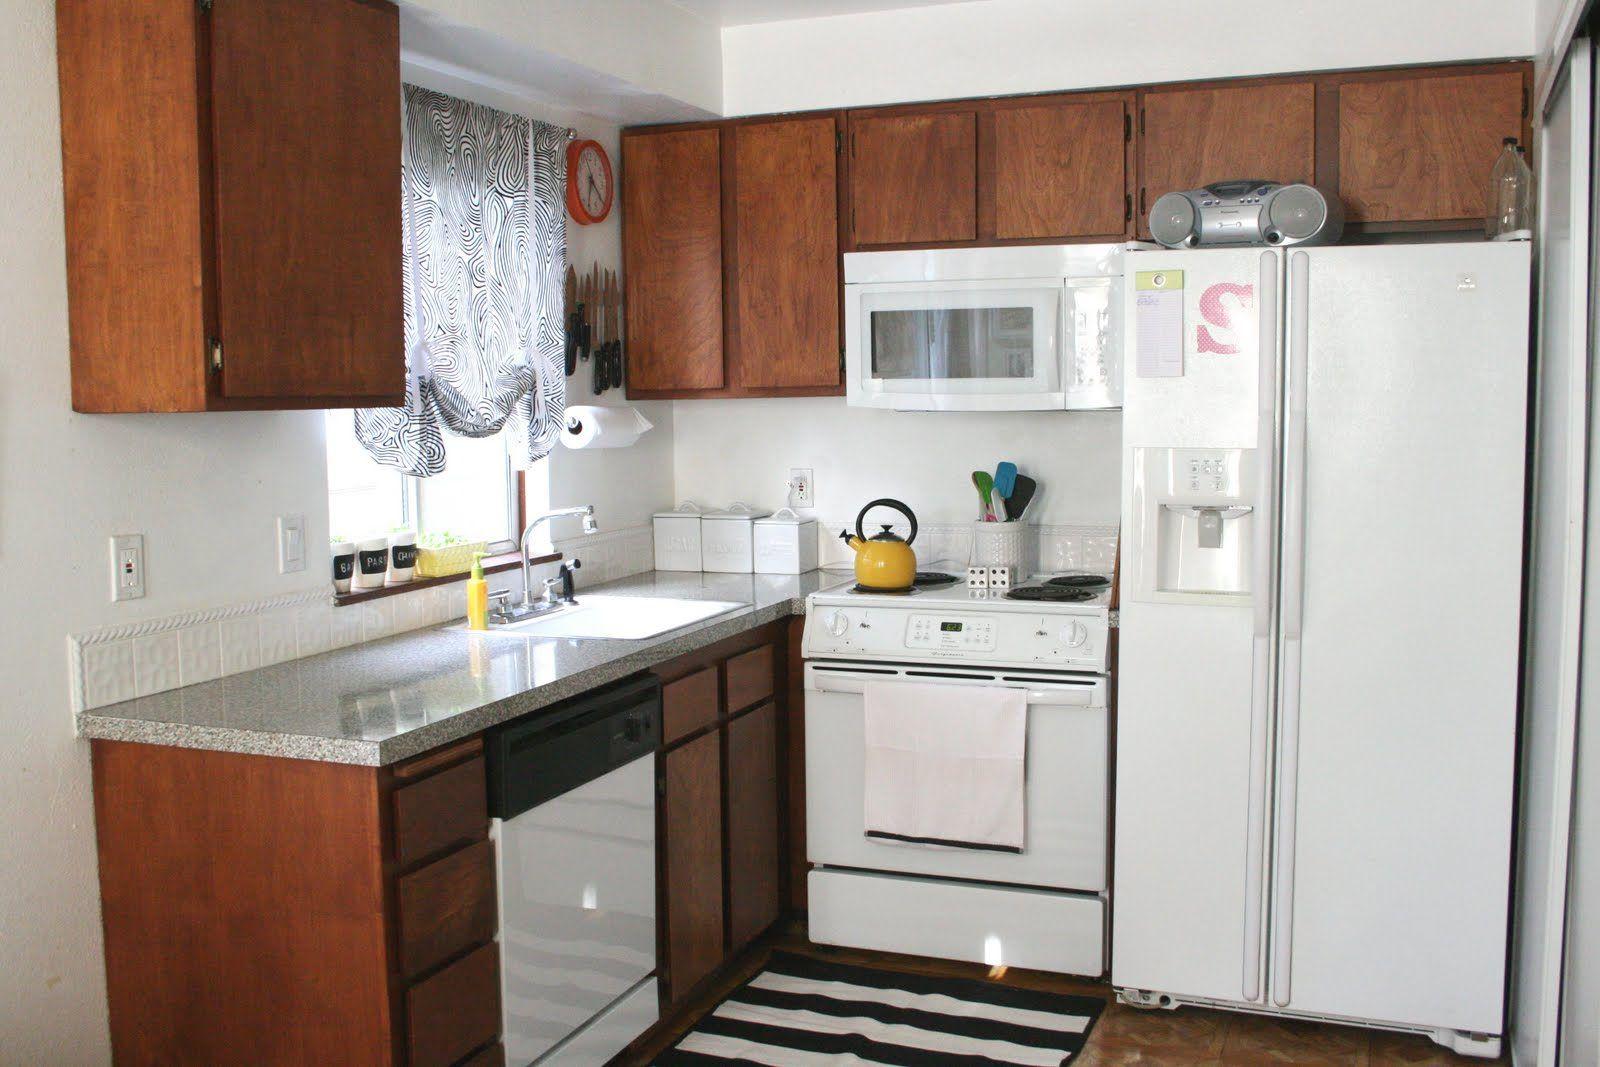 C mo decorar una cocina peque a cocina peque a peque os - Como amueblar una cocina pequena ...